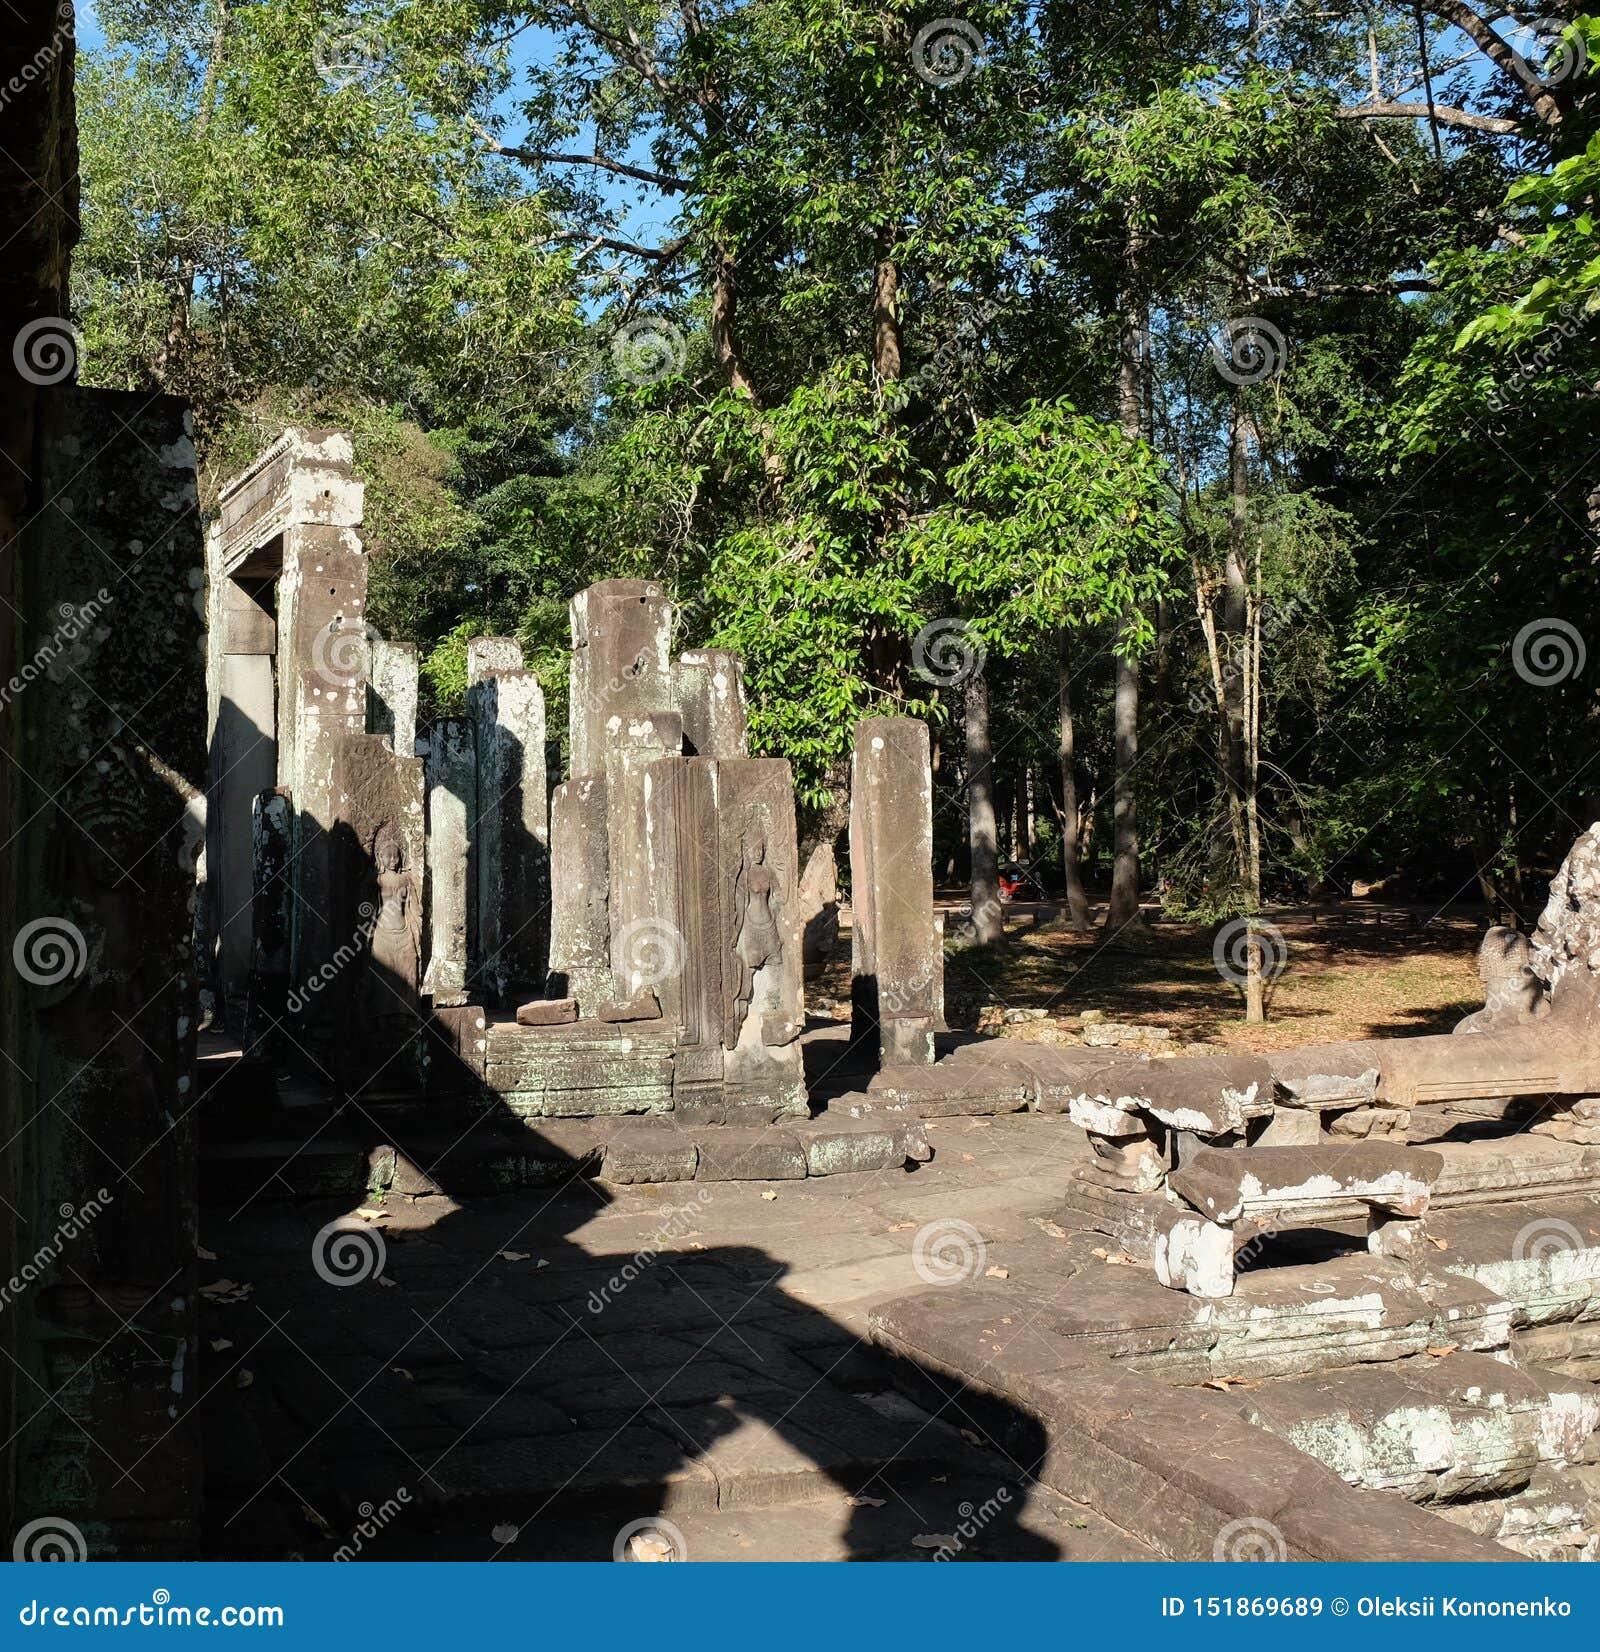 Rovine di un tempio medievale in Sud-est asiatico Costruzioni di pietra abbandonate tempo soleggiato Alberi tropicali